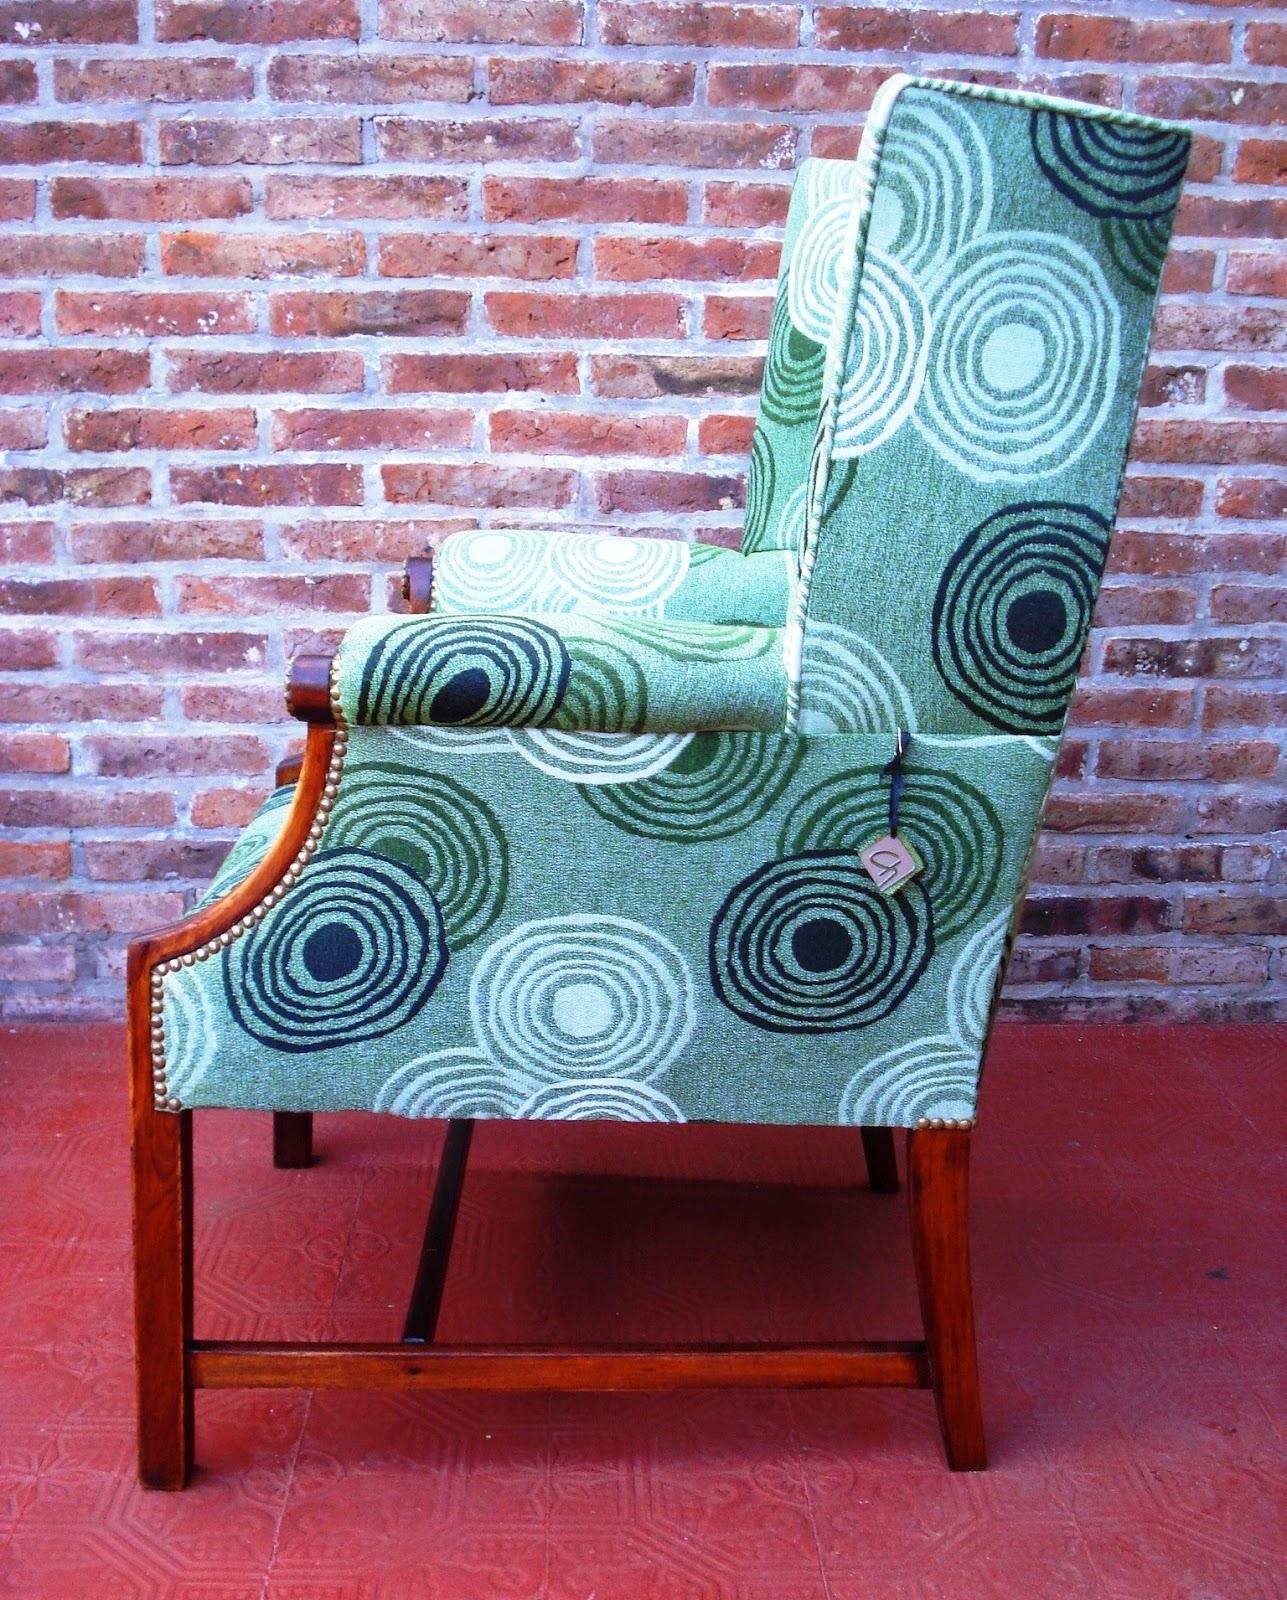 Chochiloca reciclado de muebles julio 2014 for Reciclado de muebles